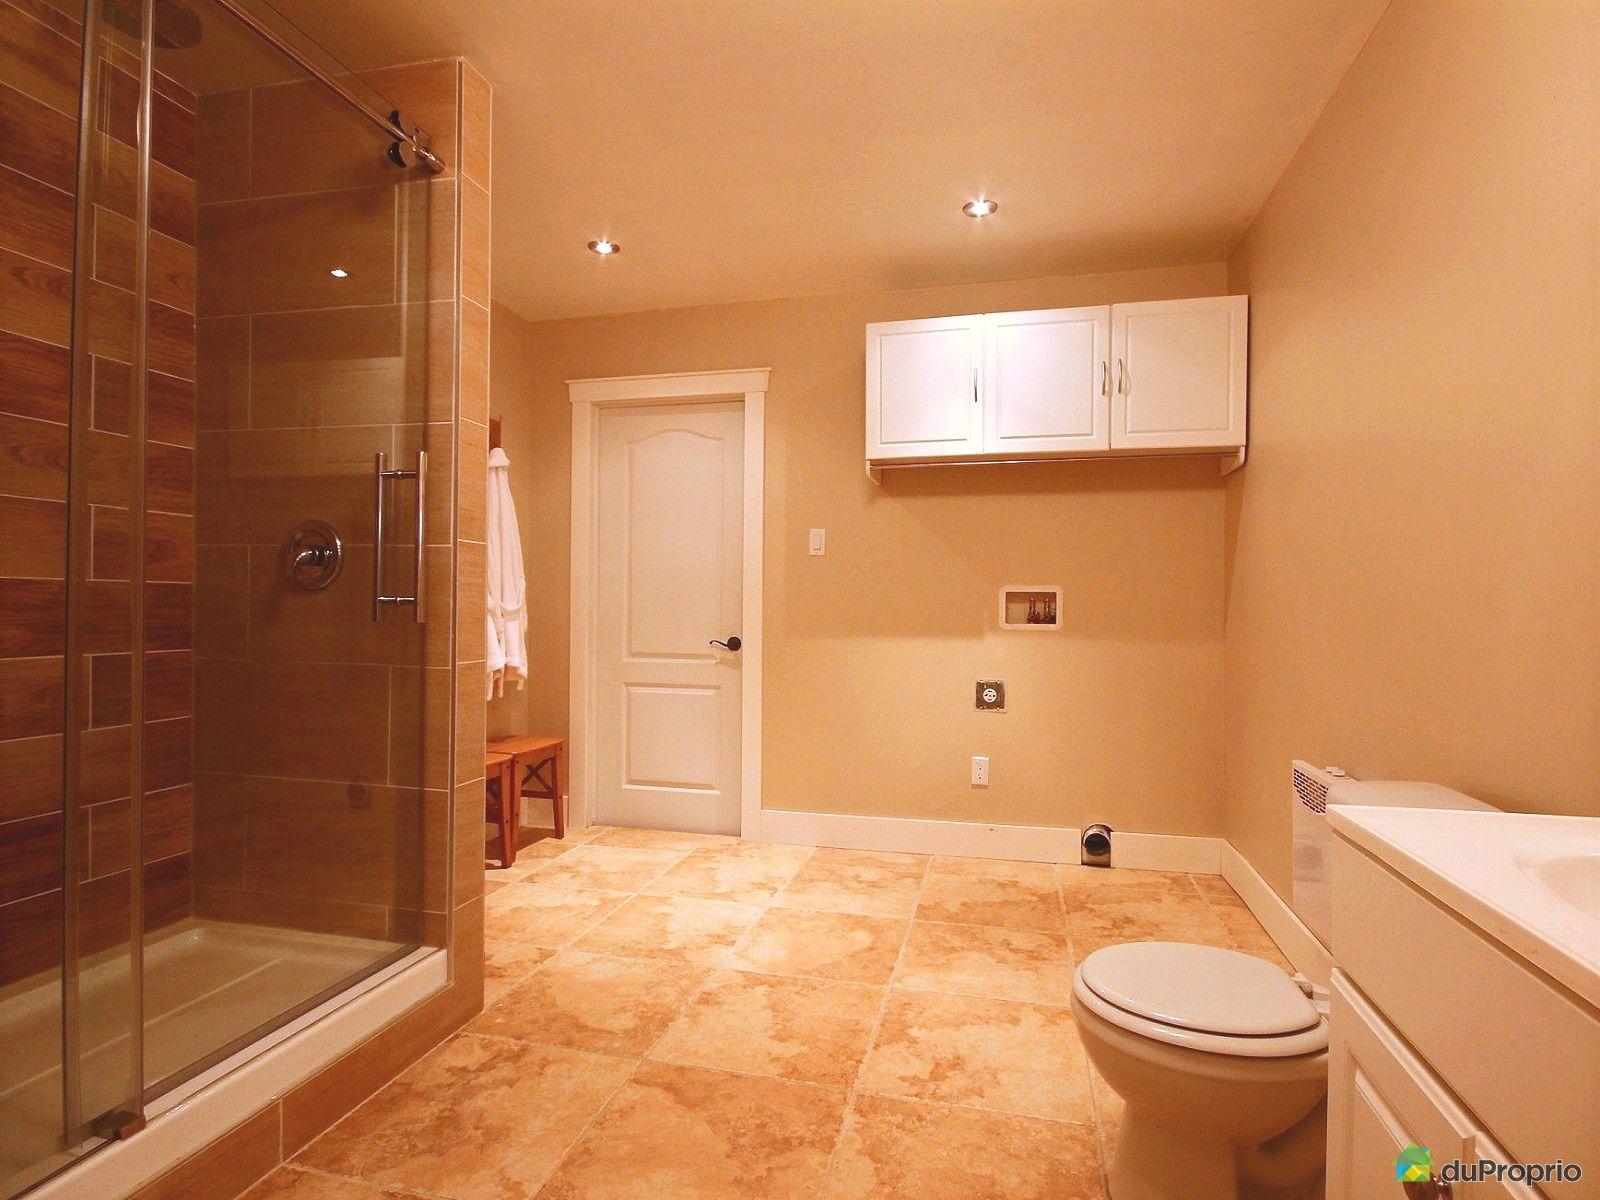 Jumel vendre contrecoeur 4766 rue joseph lamoureux - Salle de bain sous sol ...